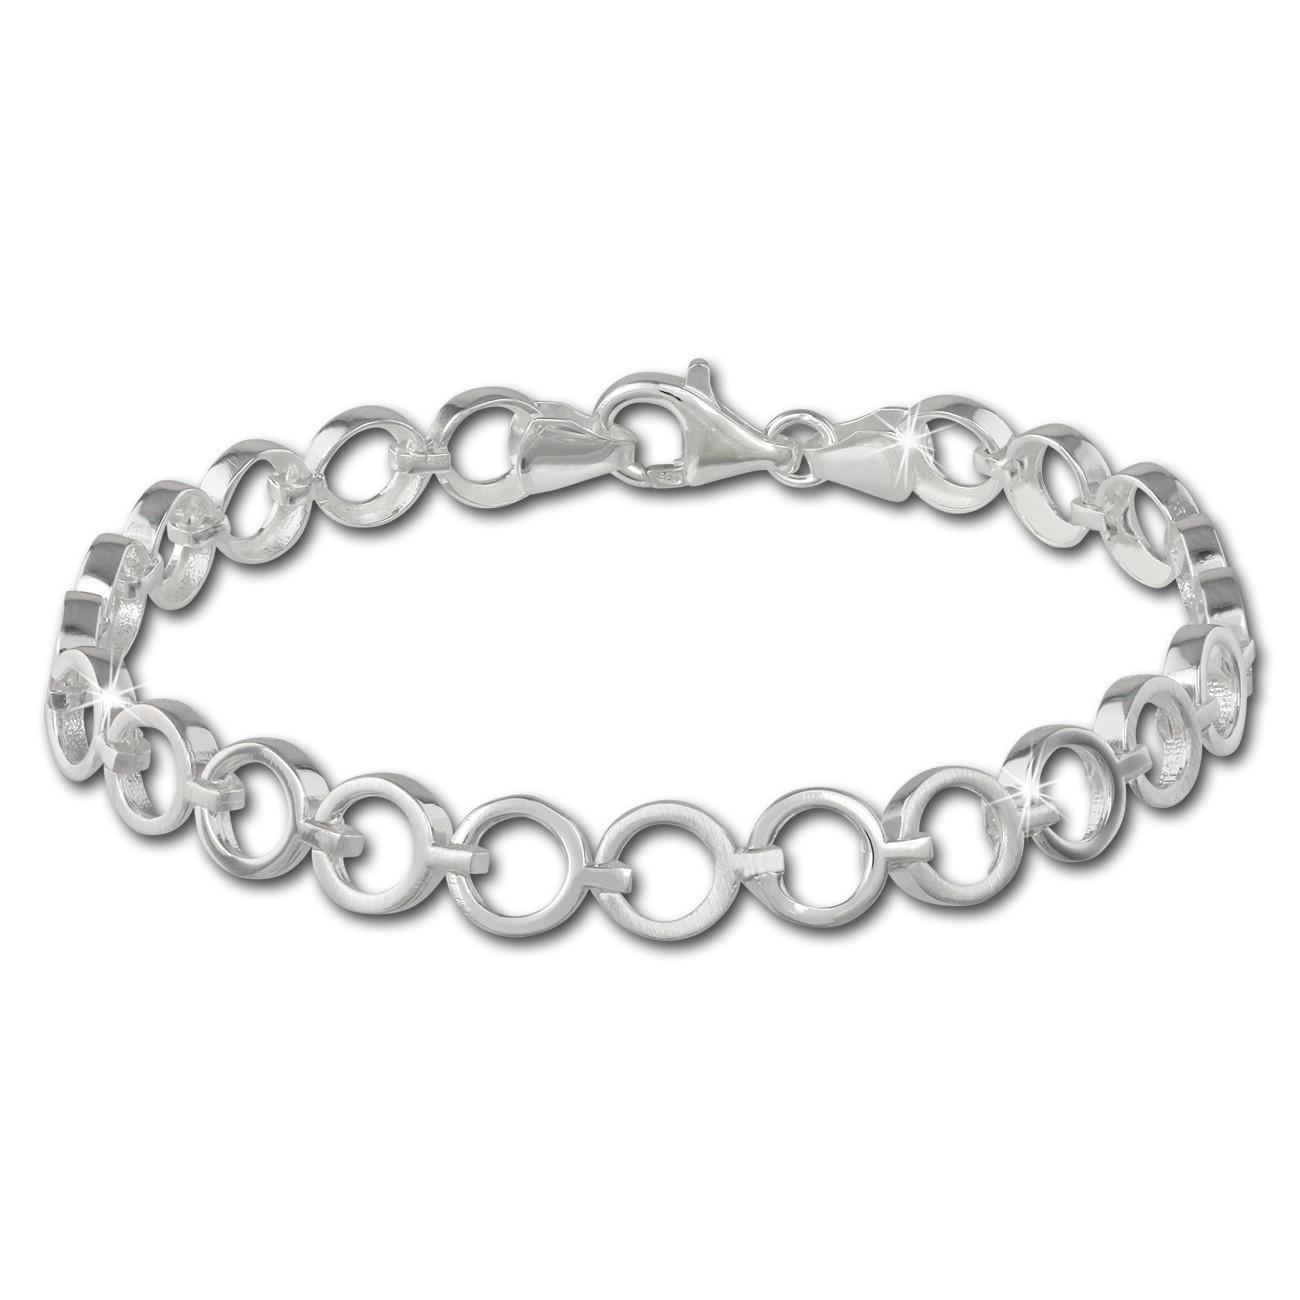 SilberDream Armband Circle matt/glänzend 925 Sterling Silber 19,5cm SDA431